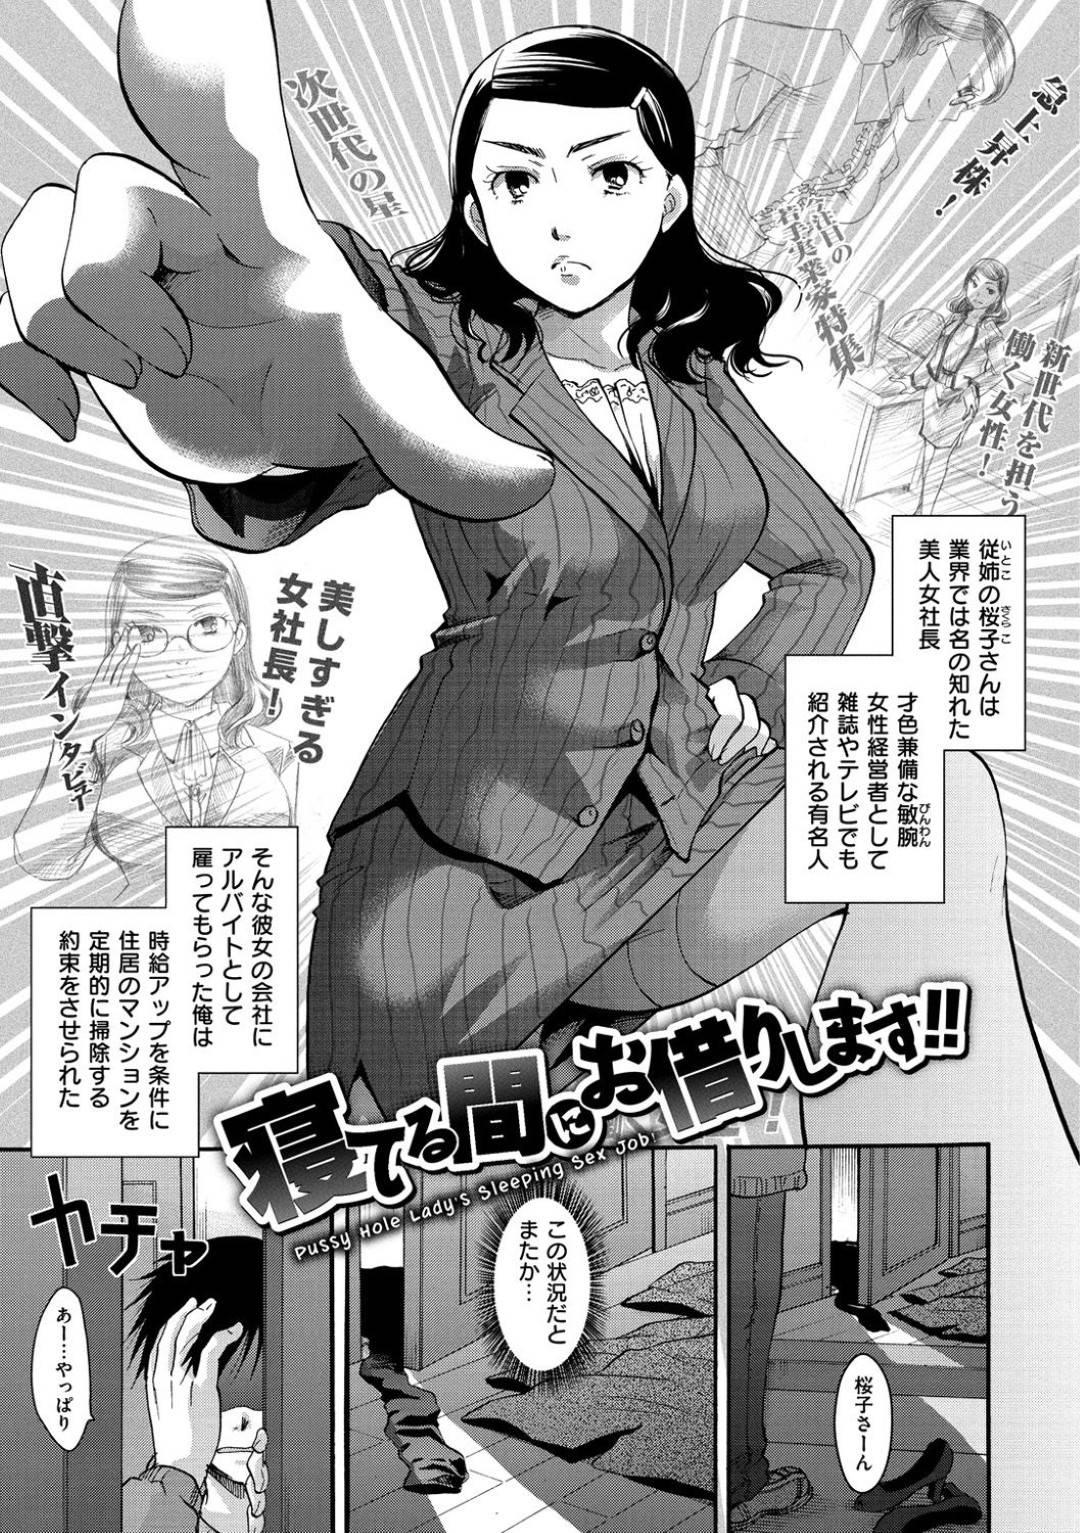 【エロ漫画】敏腕だが酒癖の悪い従姉妹の爆乳女社長の桜子…従姉妹で社長の桜子に雇われている男は、彼女の部屋の掃除に行くとだらしない格好でトイレで酔いつぶれていた。オナ禁でムラムラしていた男は、尻コキで射精!後日、また部屋の掃除に入るとまたも泥酔!三十路のおっぱいとまんこを堪能すると中出しセックスでザーメンを注ぎ込む!【いとうえい:寝てる間にお借りします!!】